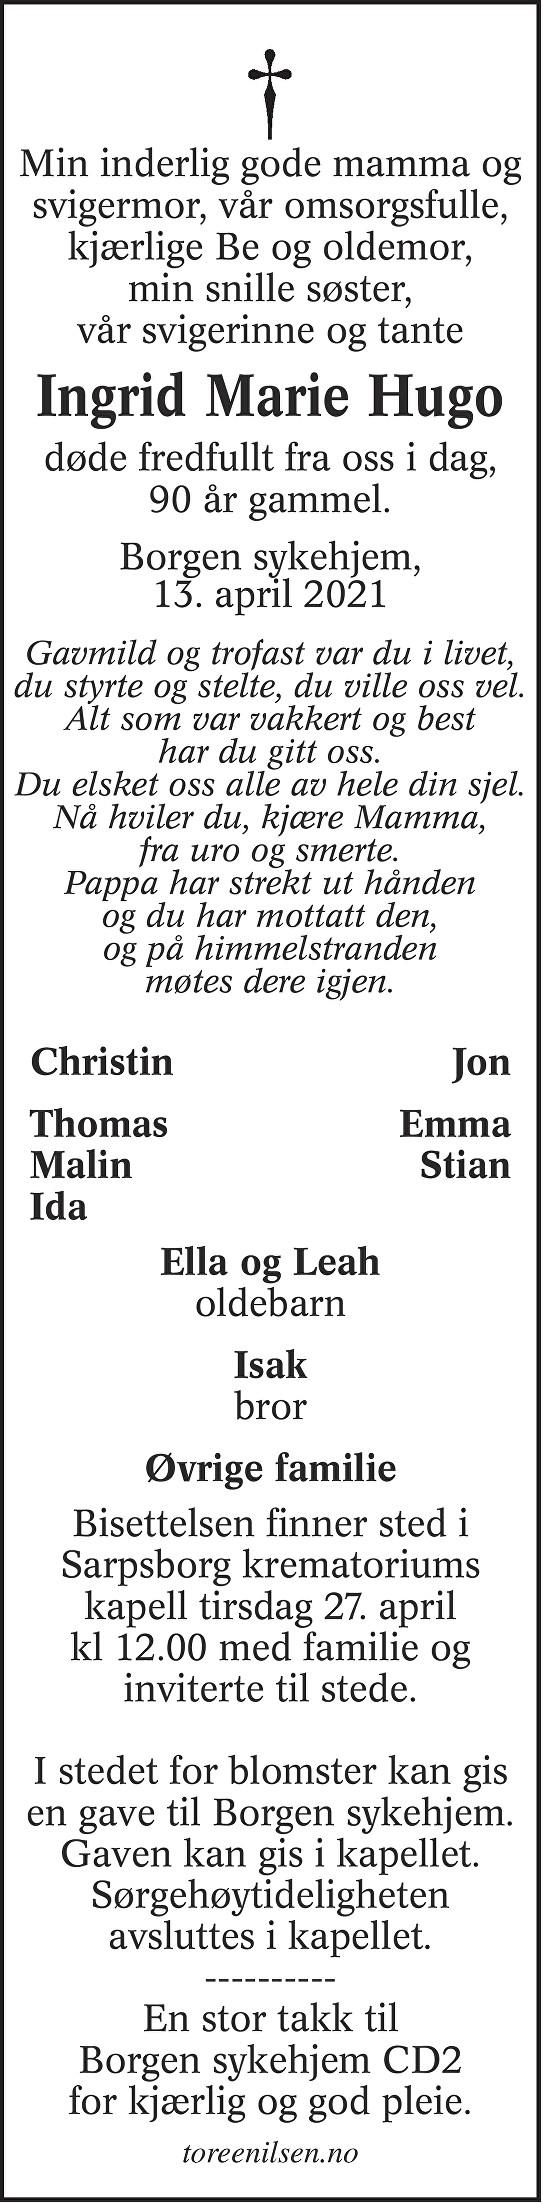 Ingrid Marie Hugo Dødsannonse